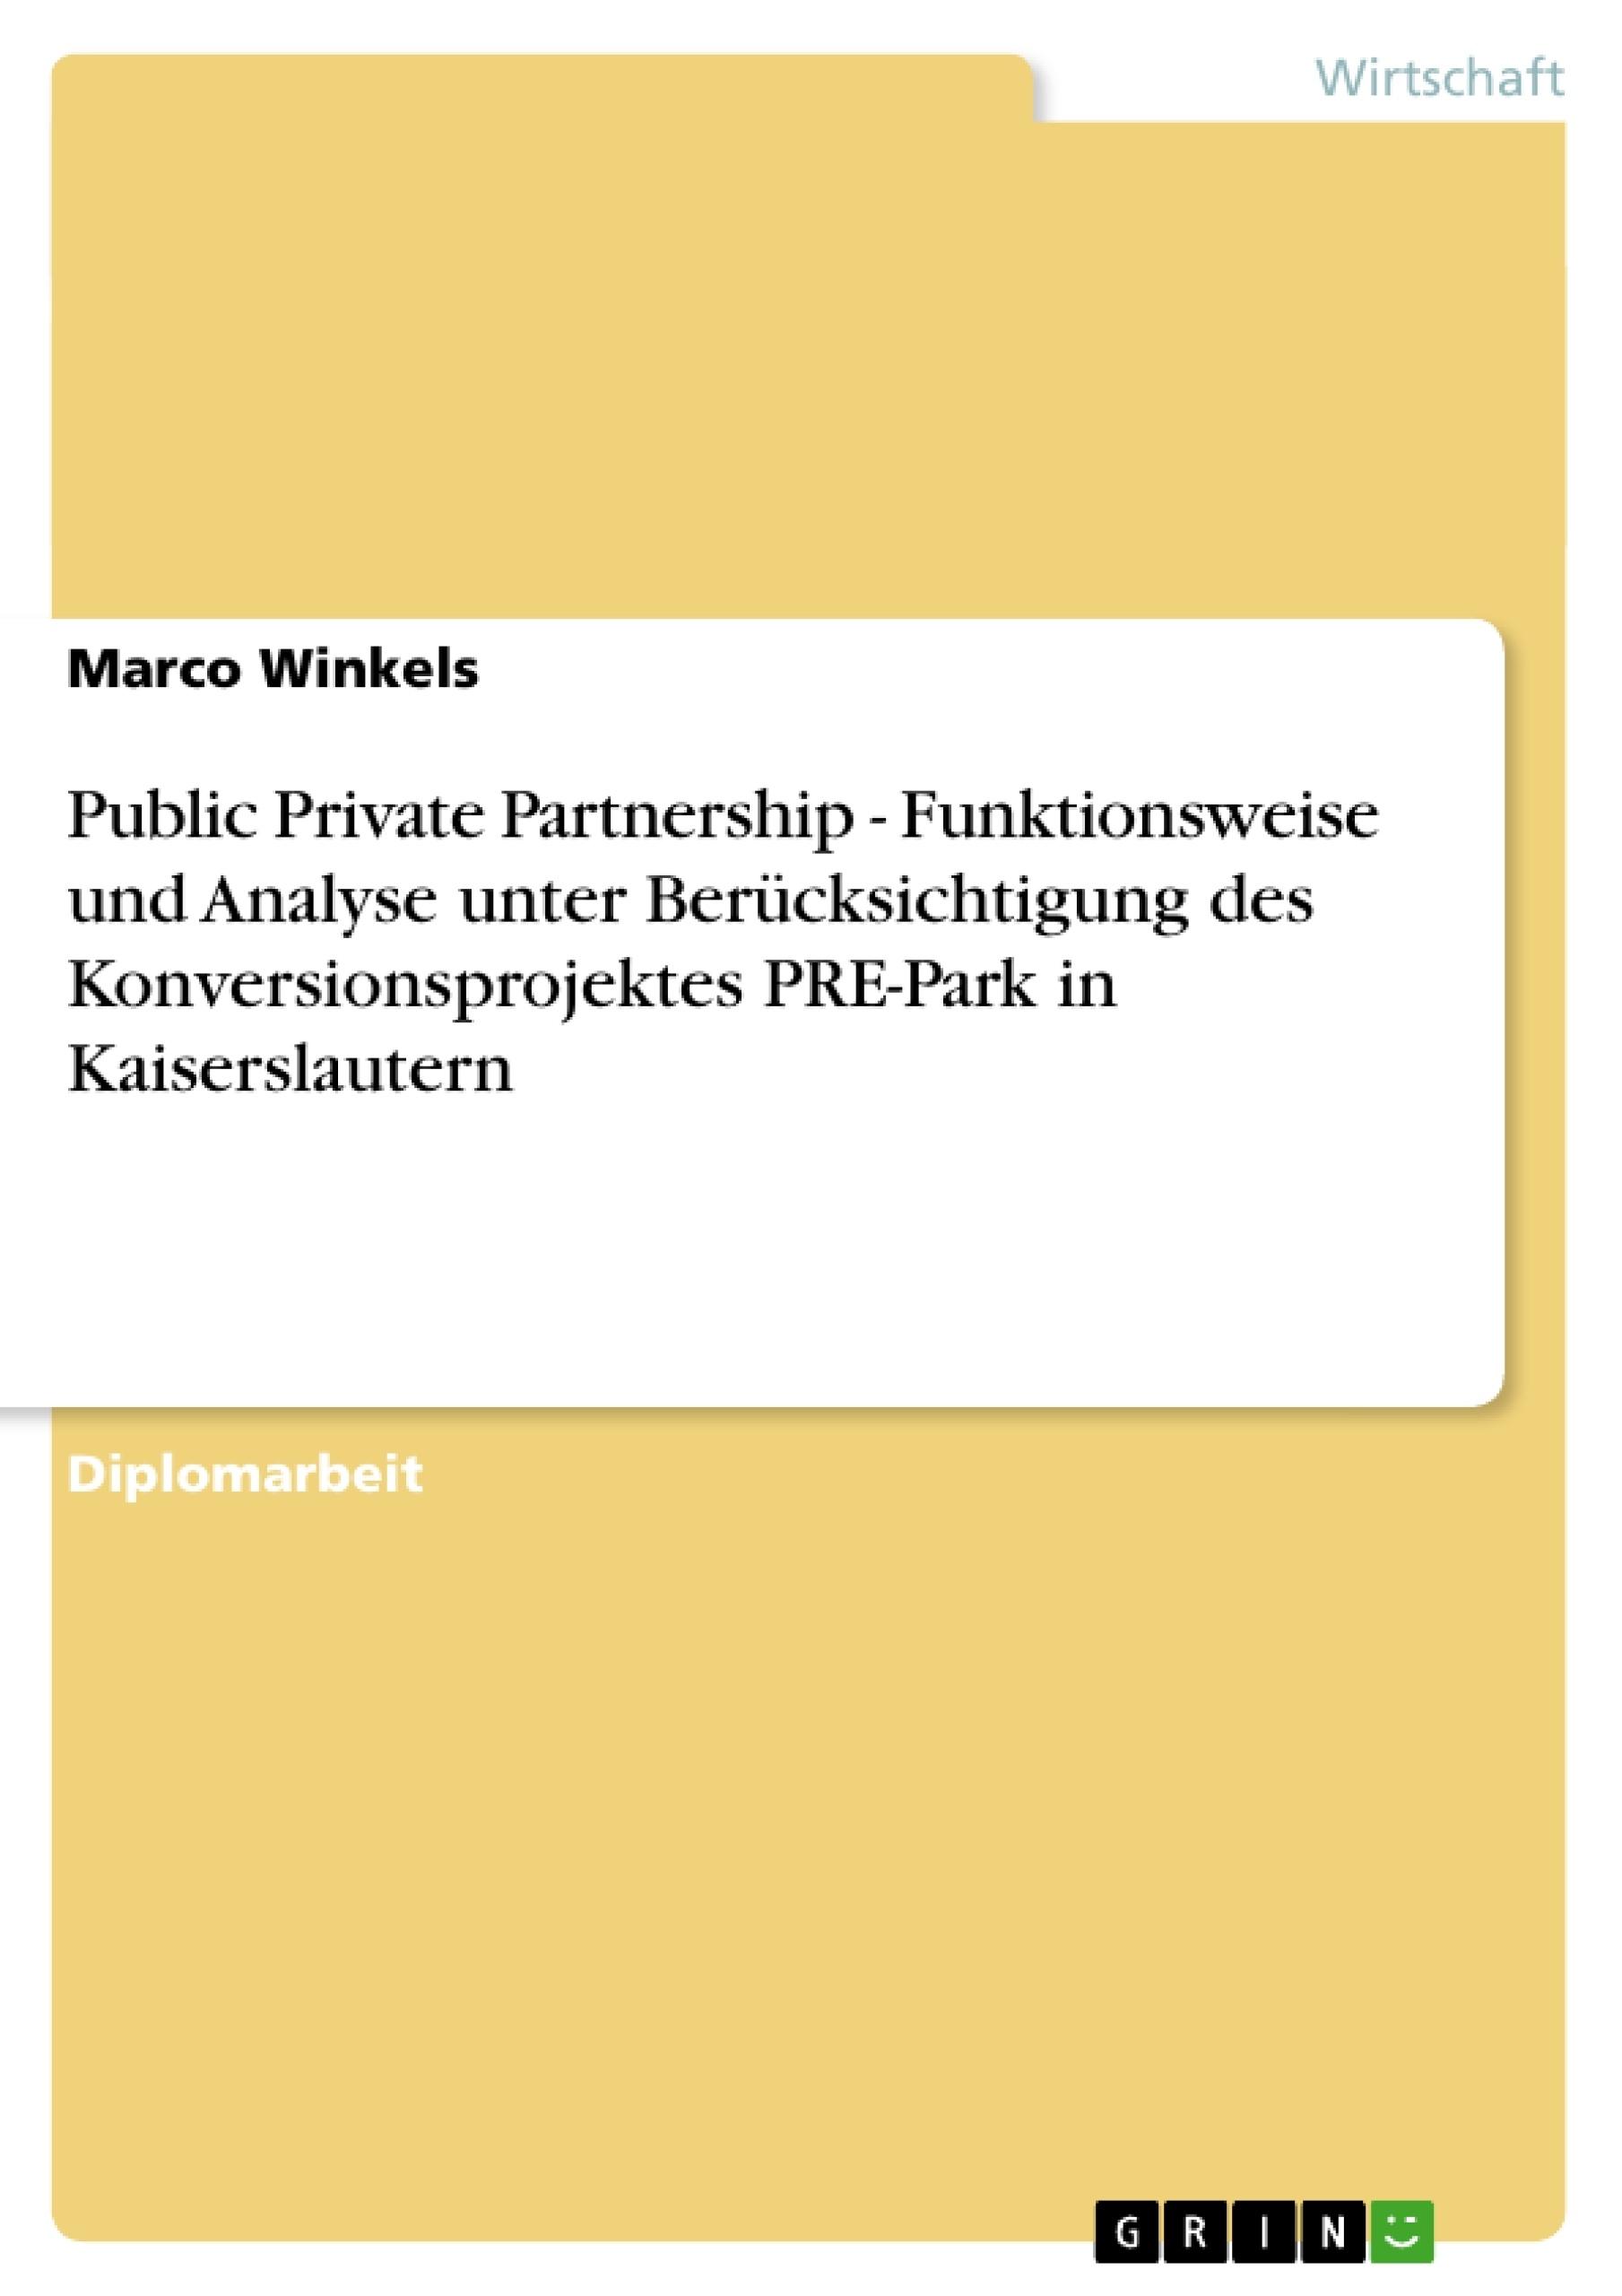 Titel: Public Private Partnership - Funktionsweise und Analyse unter Berücksichtigung des Konversionsprojektes PRE-Park in Kaiserslautern